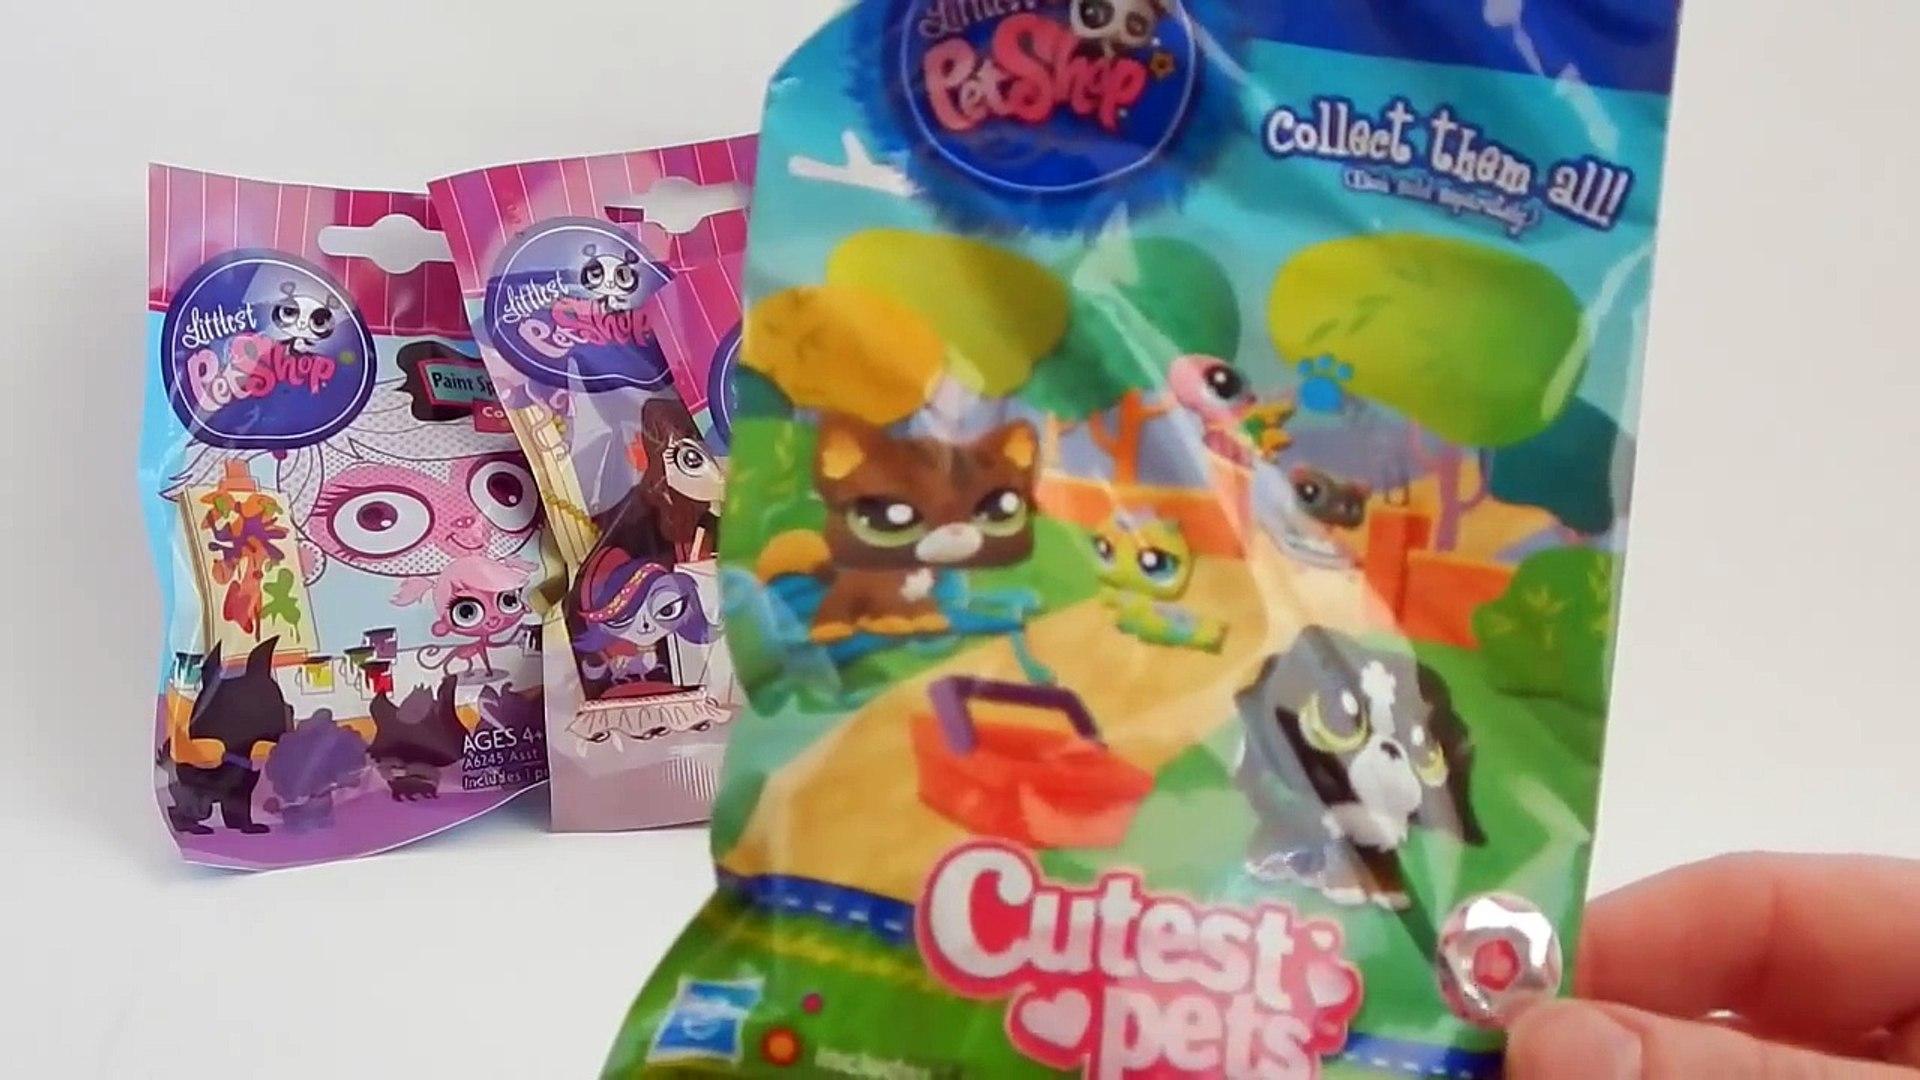 Littlest Pet Shop Blind Bag Mash Up Cutest Pets Party Stylin Pets Paint Splashing Pets обр